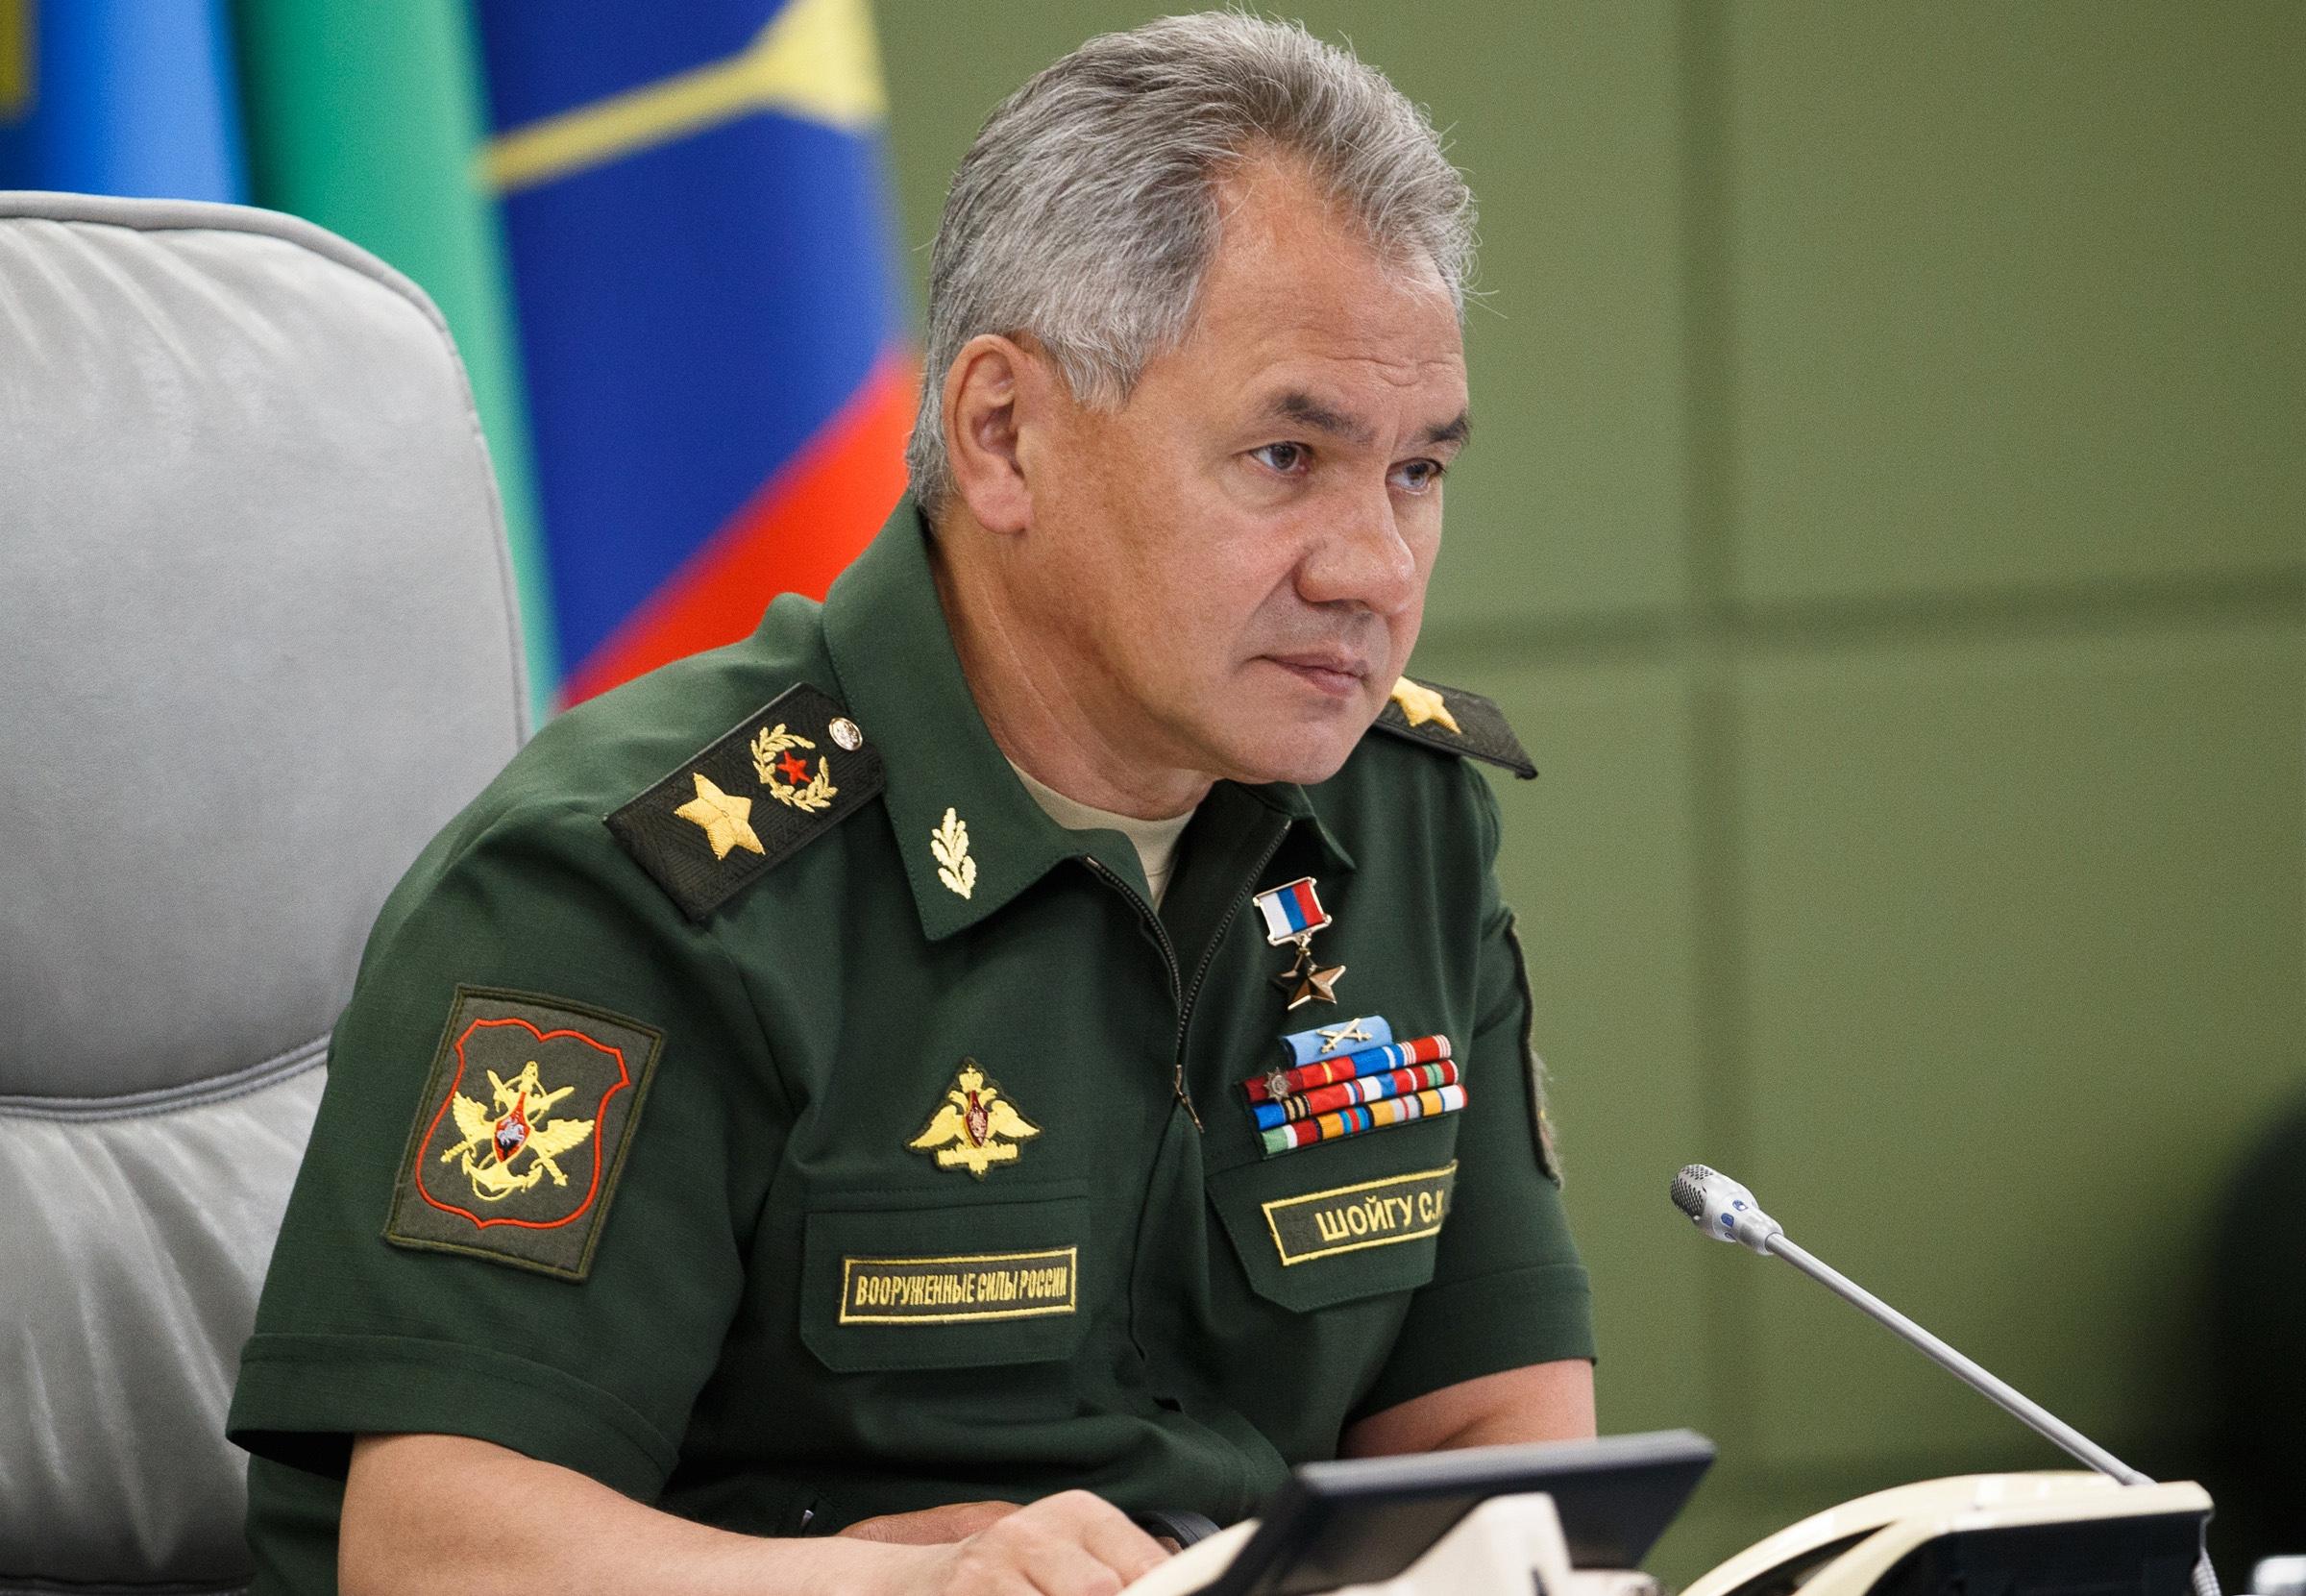 Az orosz védelmi miniszter szerint Moszkva ellensúlyozni fogja a NATO kelet-európai katonai jelenlétének erősödését